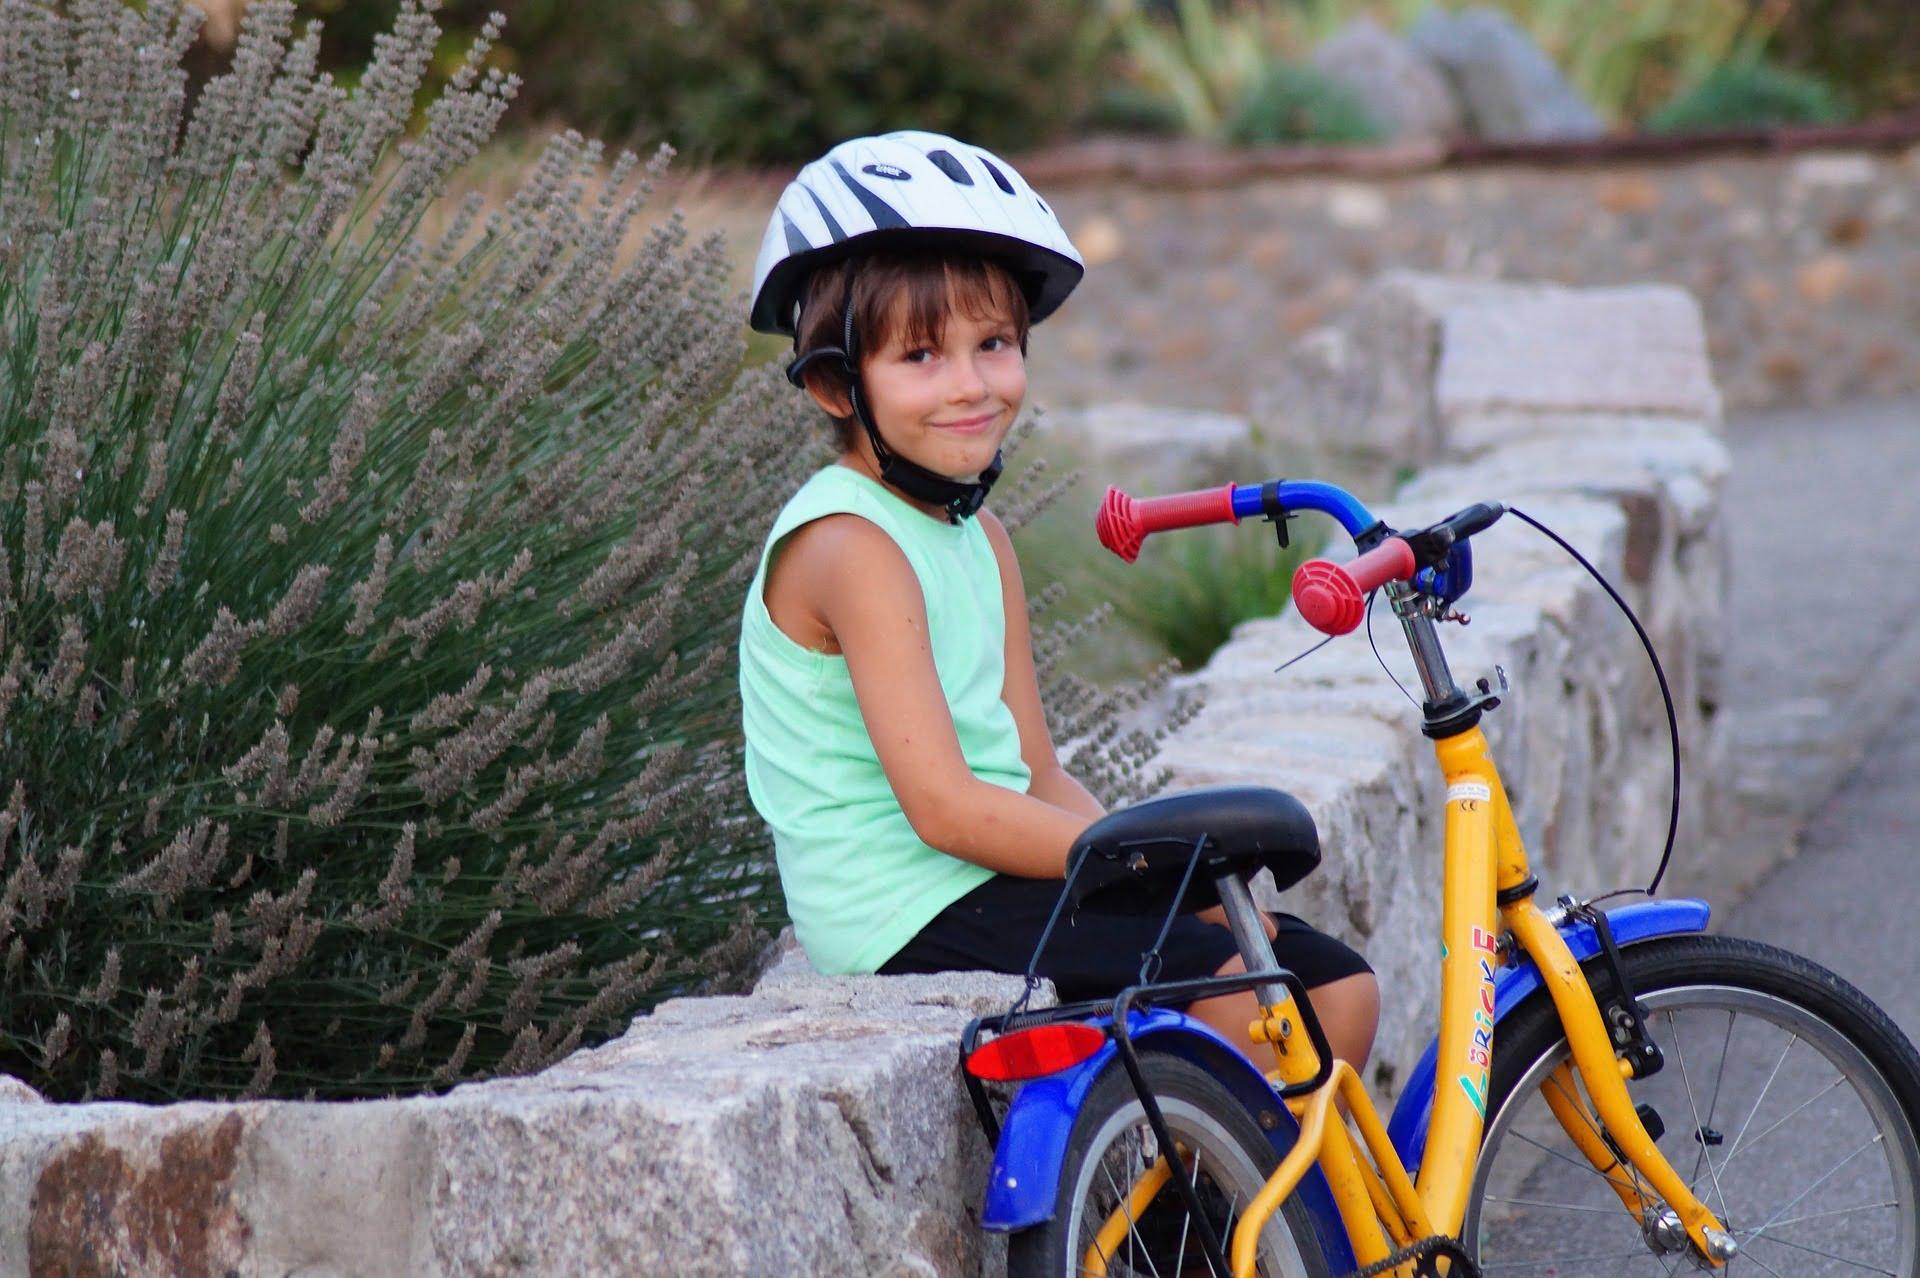 Nu știi cum convingi copilul să facă sport? Să căutam soluții împreună